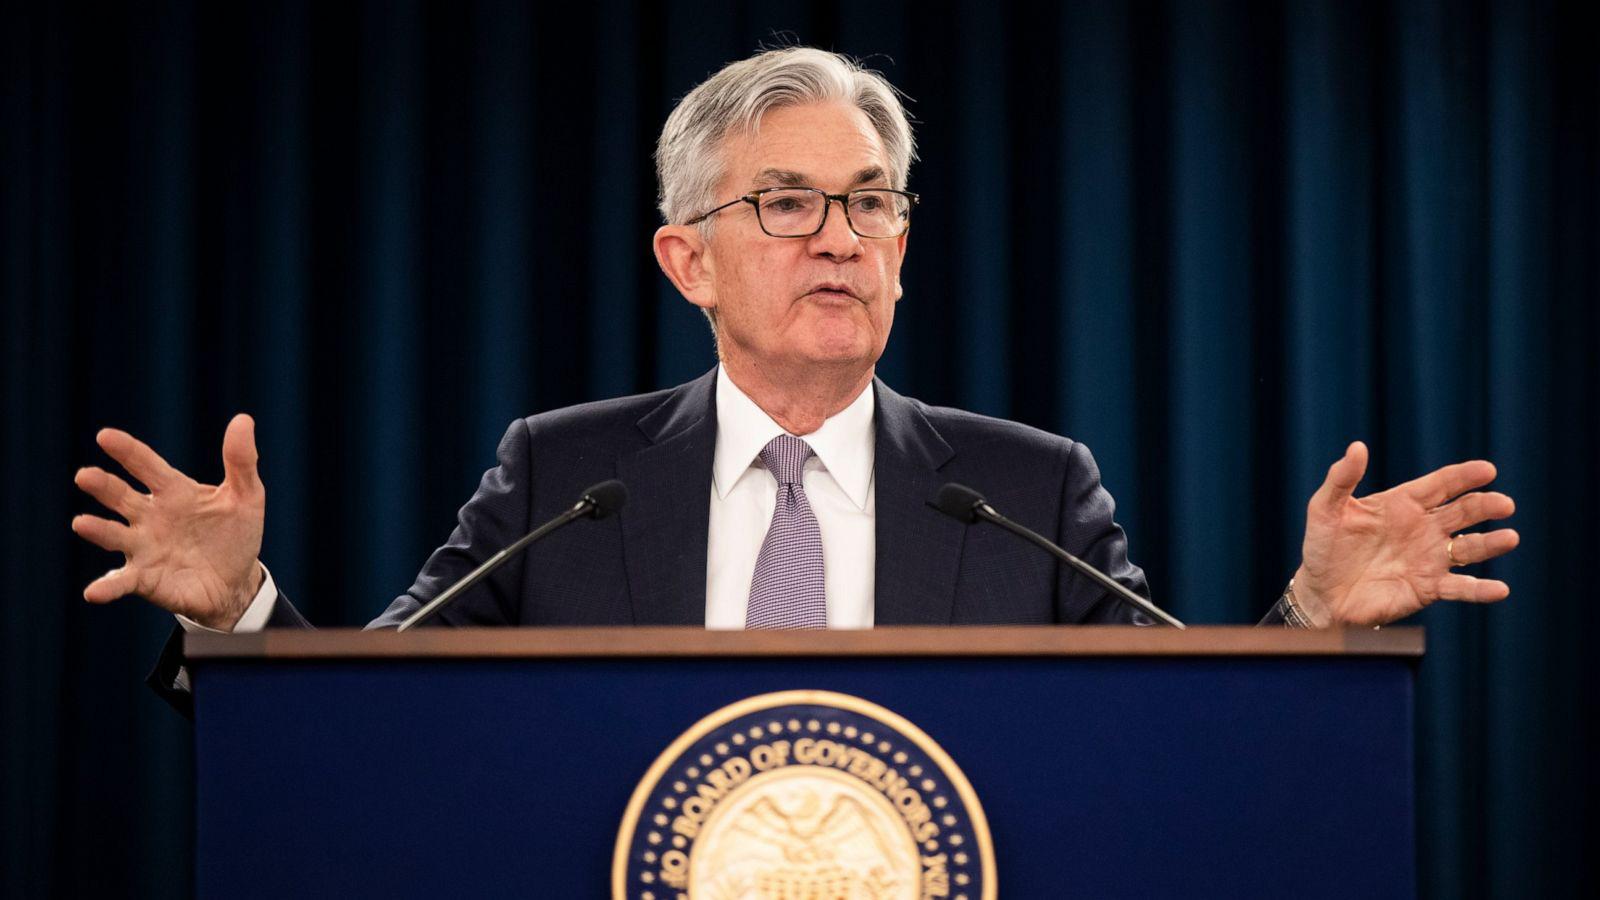 Chủ tịch Jerome Powell: Rủi ro với triển vọng kinh tế Mỹ vẫn còn, Fed sẽ tiếp tục theo dõi diễn biến dịch virus corona - Ảnh 1.